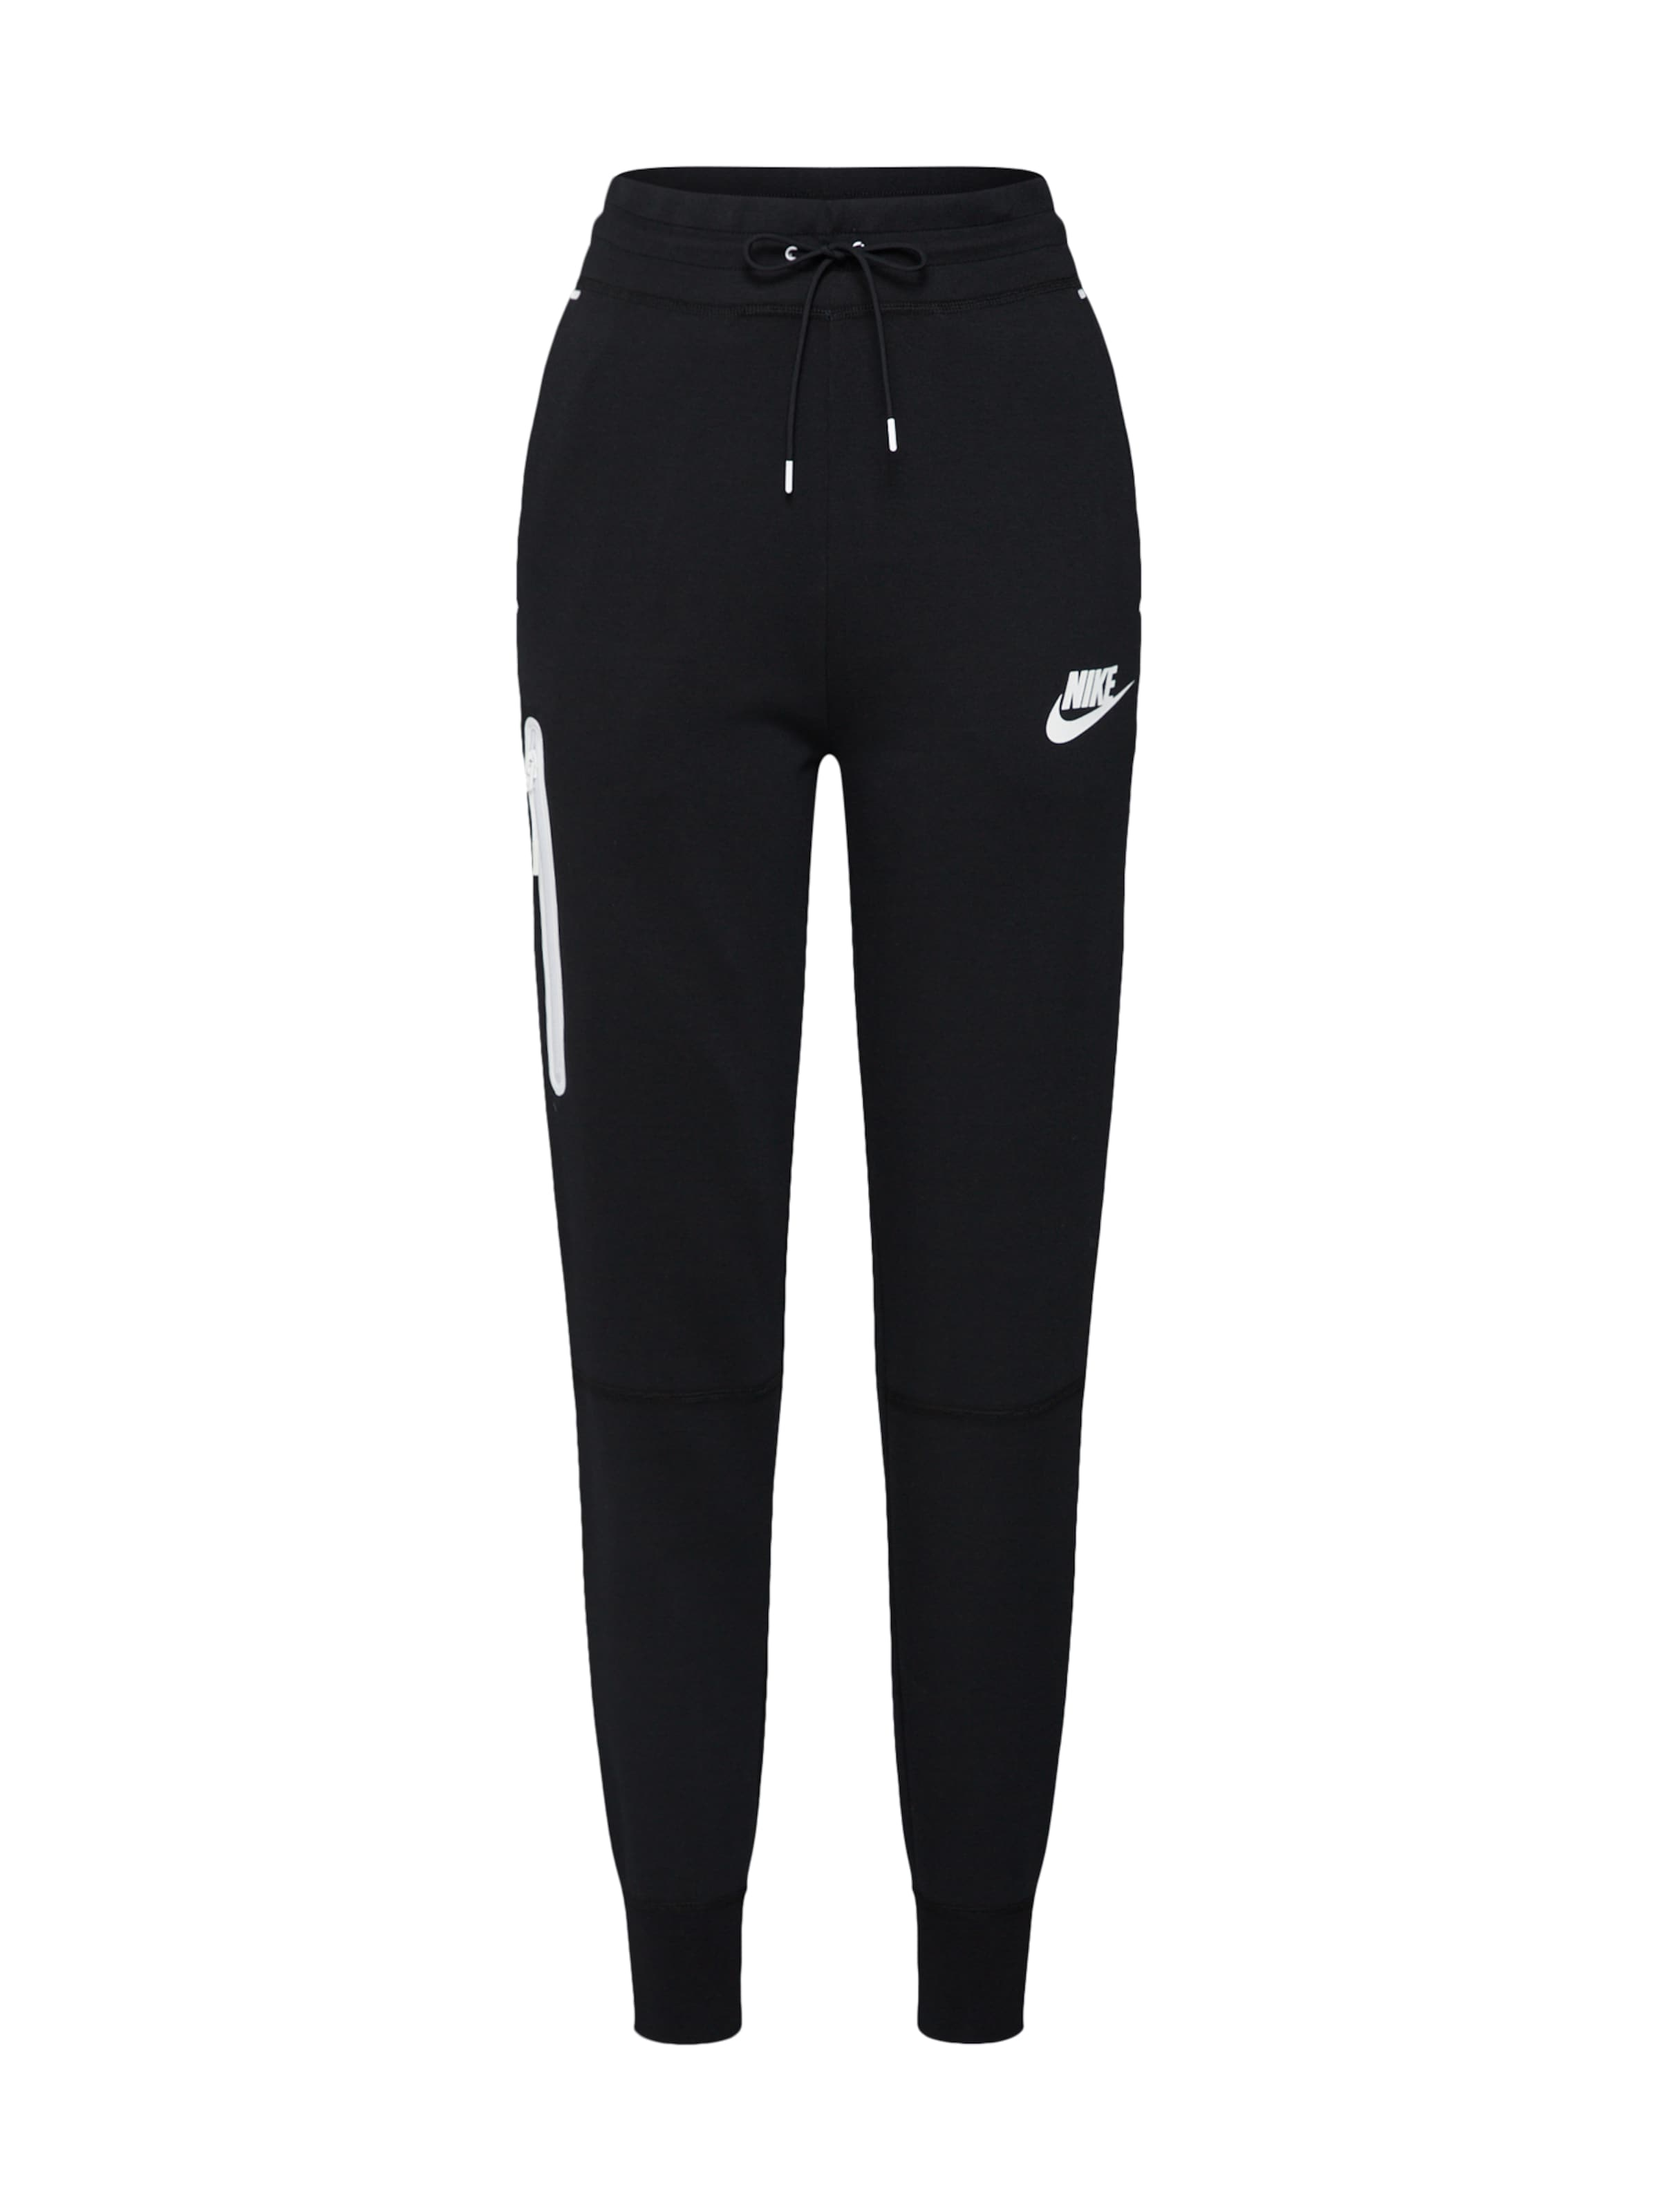 Pantalon En NoirBlanc Sportswear Sportswear Nike Pantalon Nike En Nike Sportswear NoirBlanc MqUVSzp